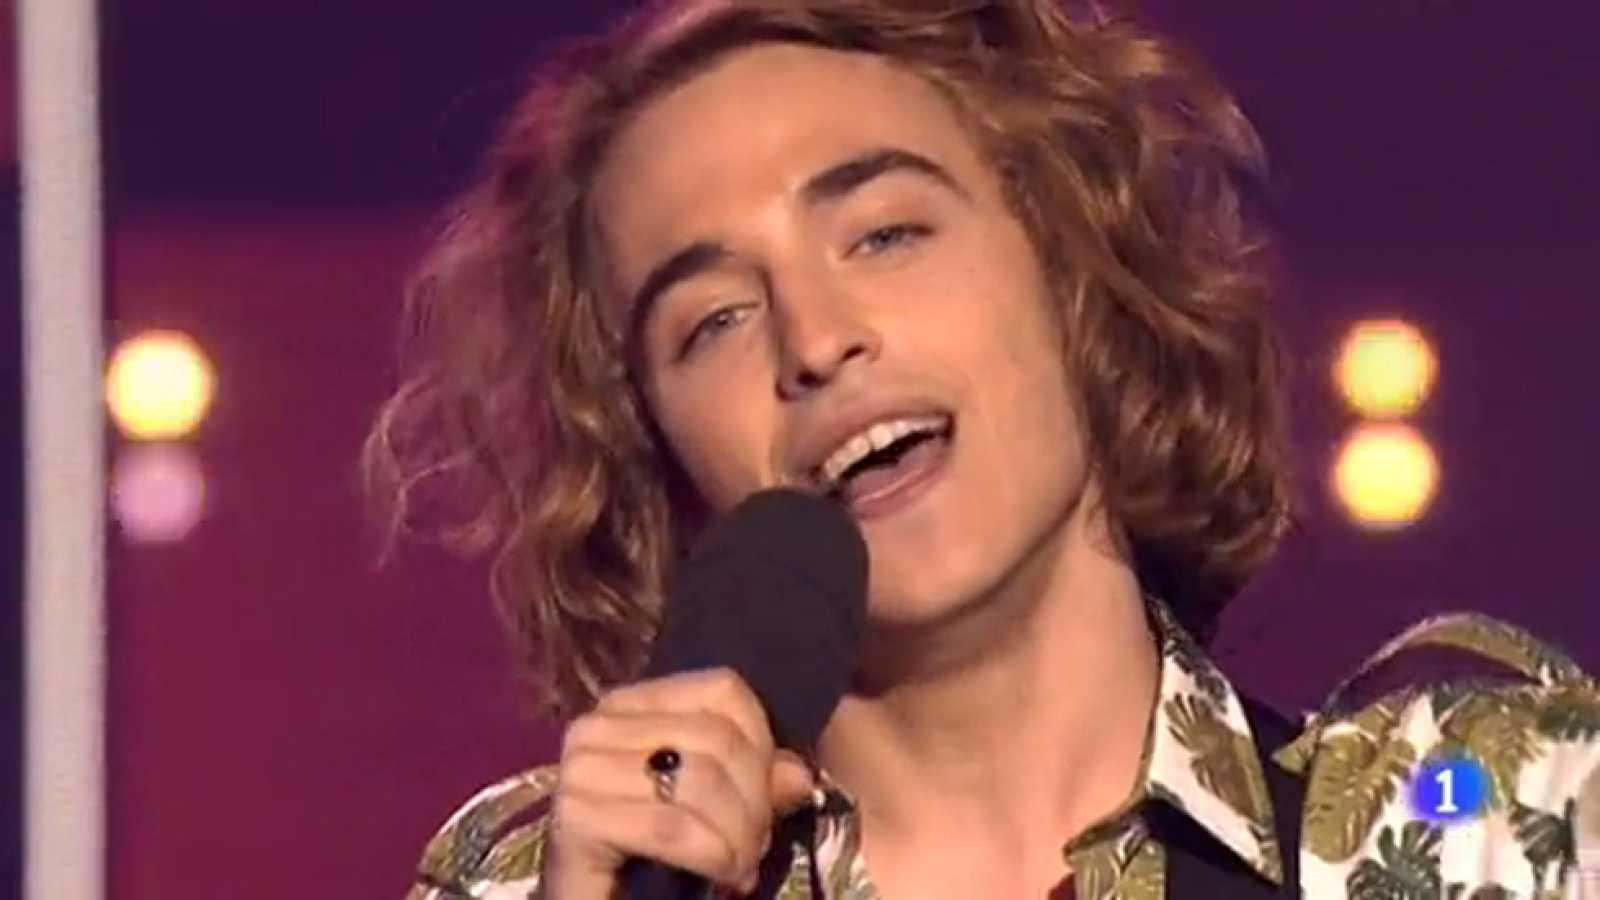 """Objetivo Eurovisión - Manel canta """"Do it for your lover"""" en 'Objetivo Eurovisión'"""